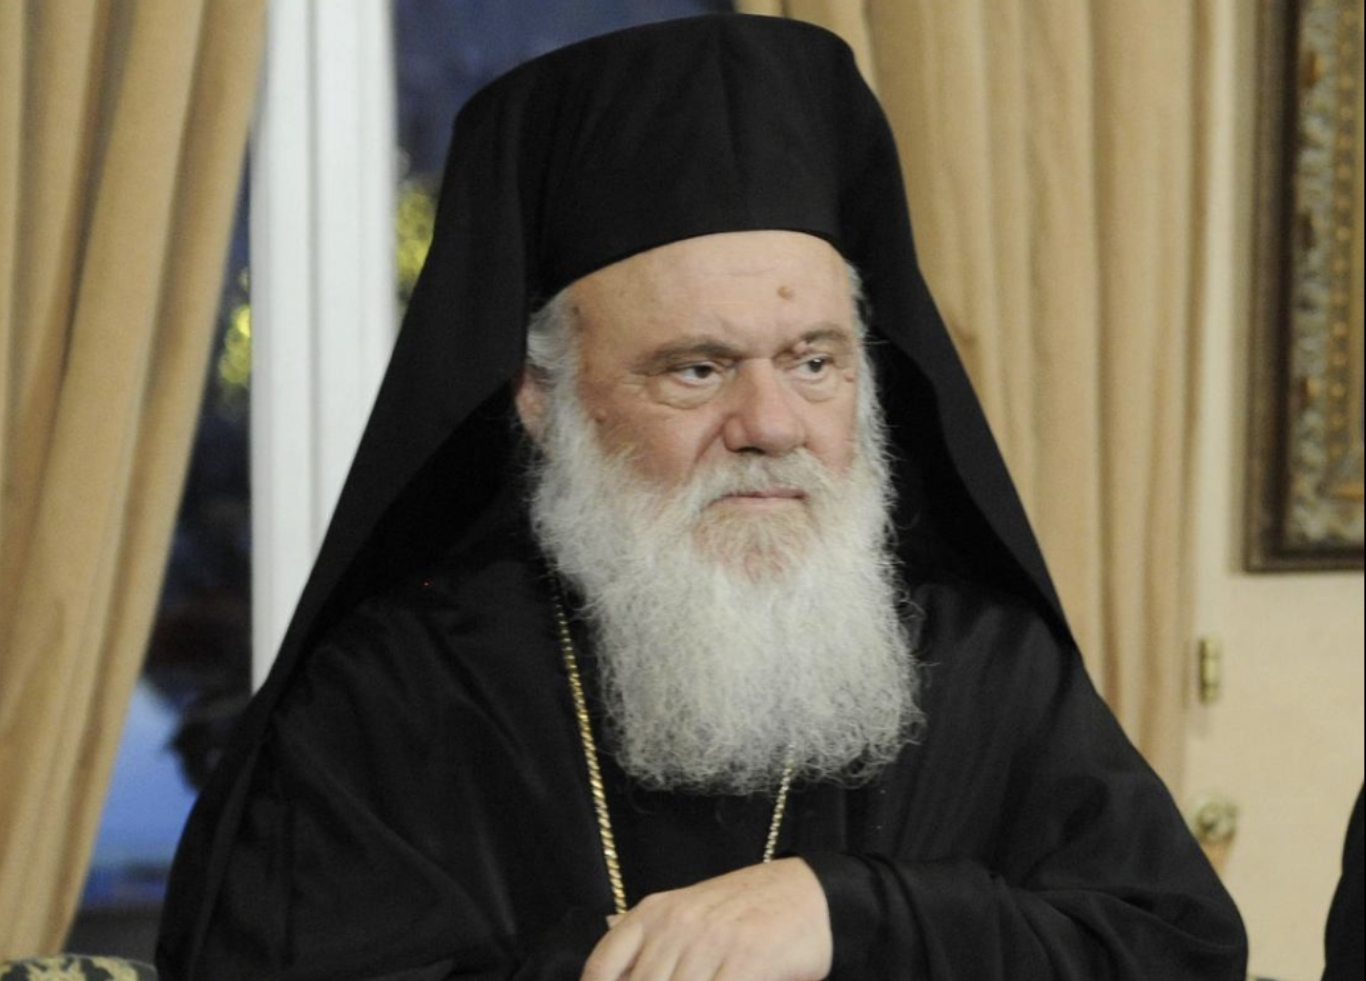 Αναγνώρισε η Εκκλησία της Ελλάδας το Αυτοκέφαλο της Εκκλησίας της Ουκρανίας